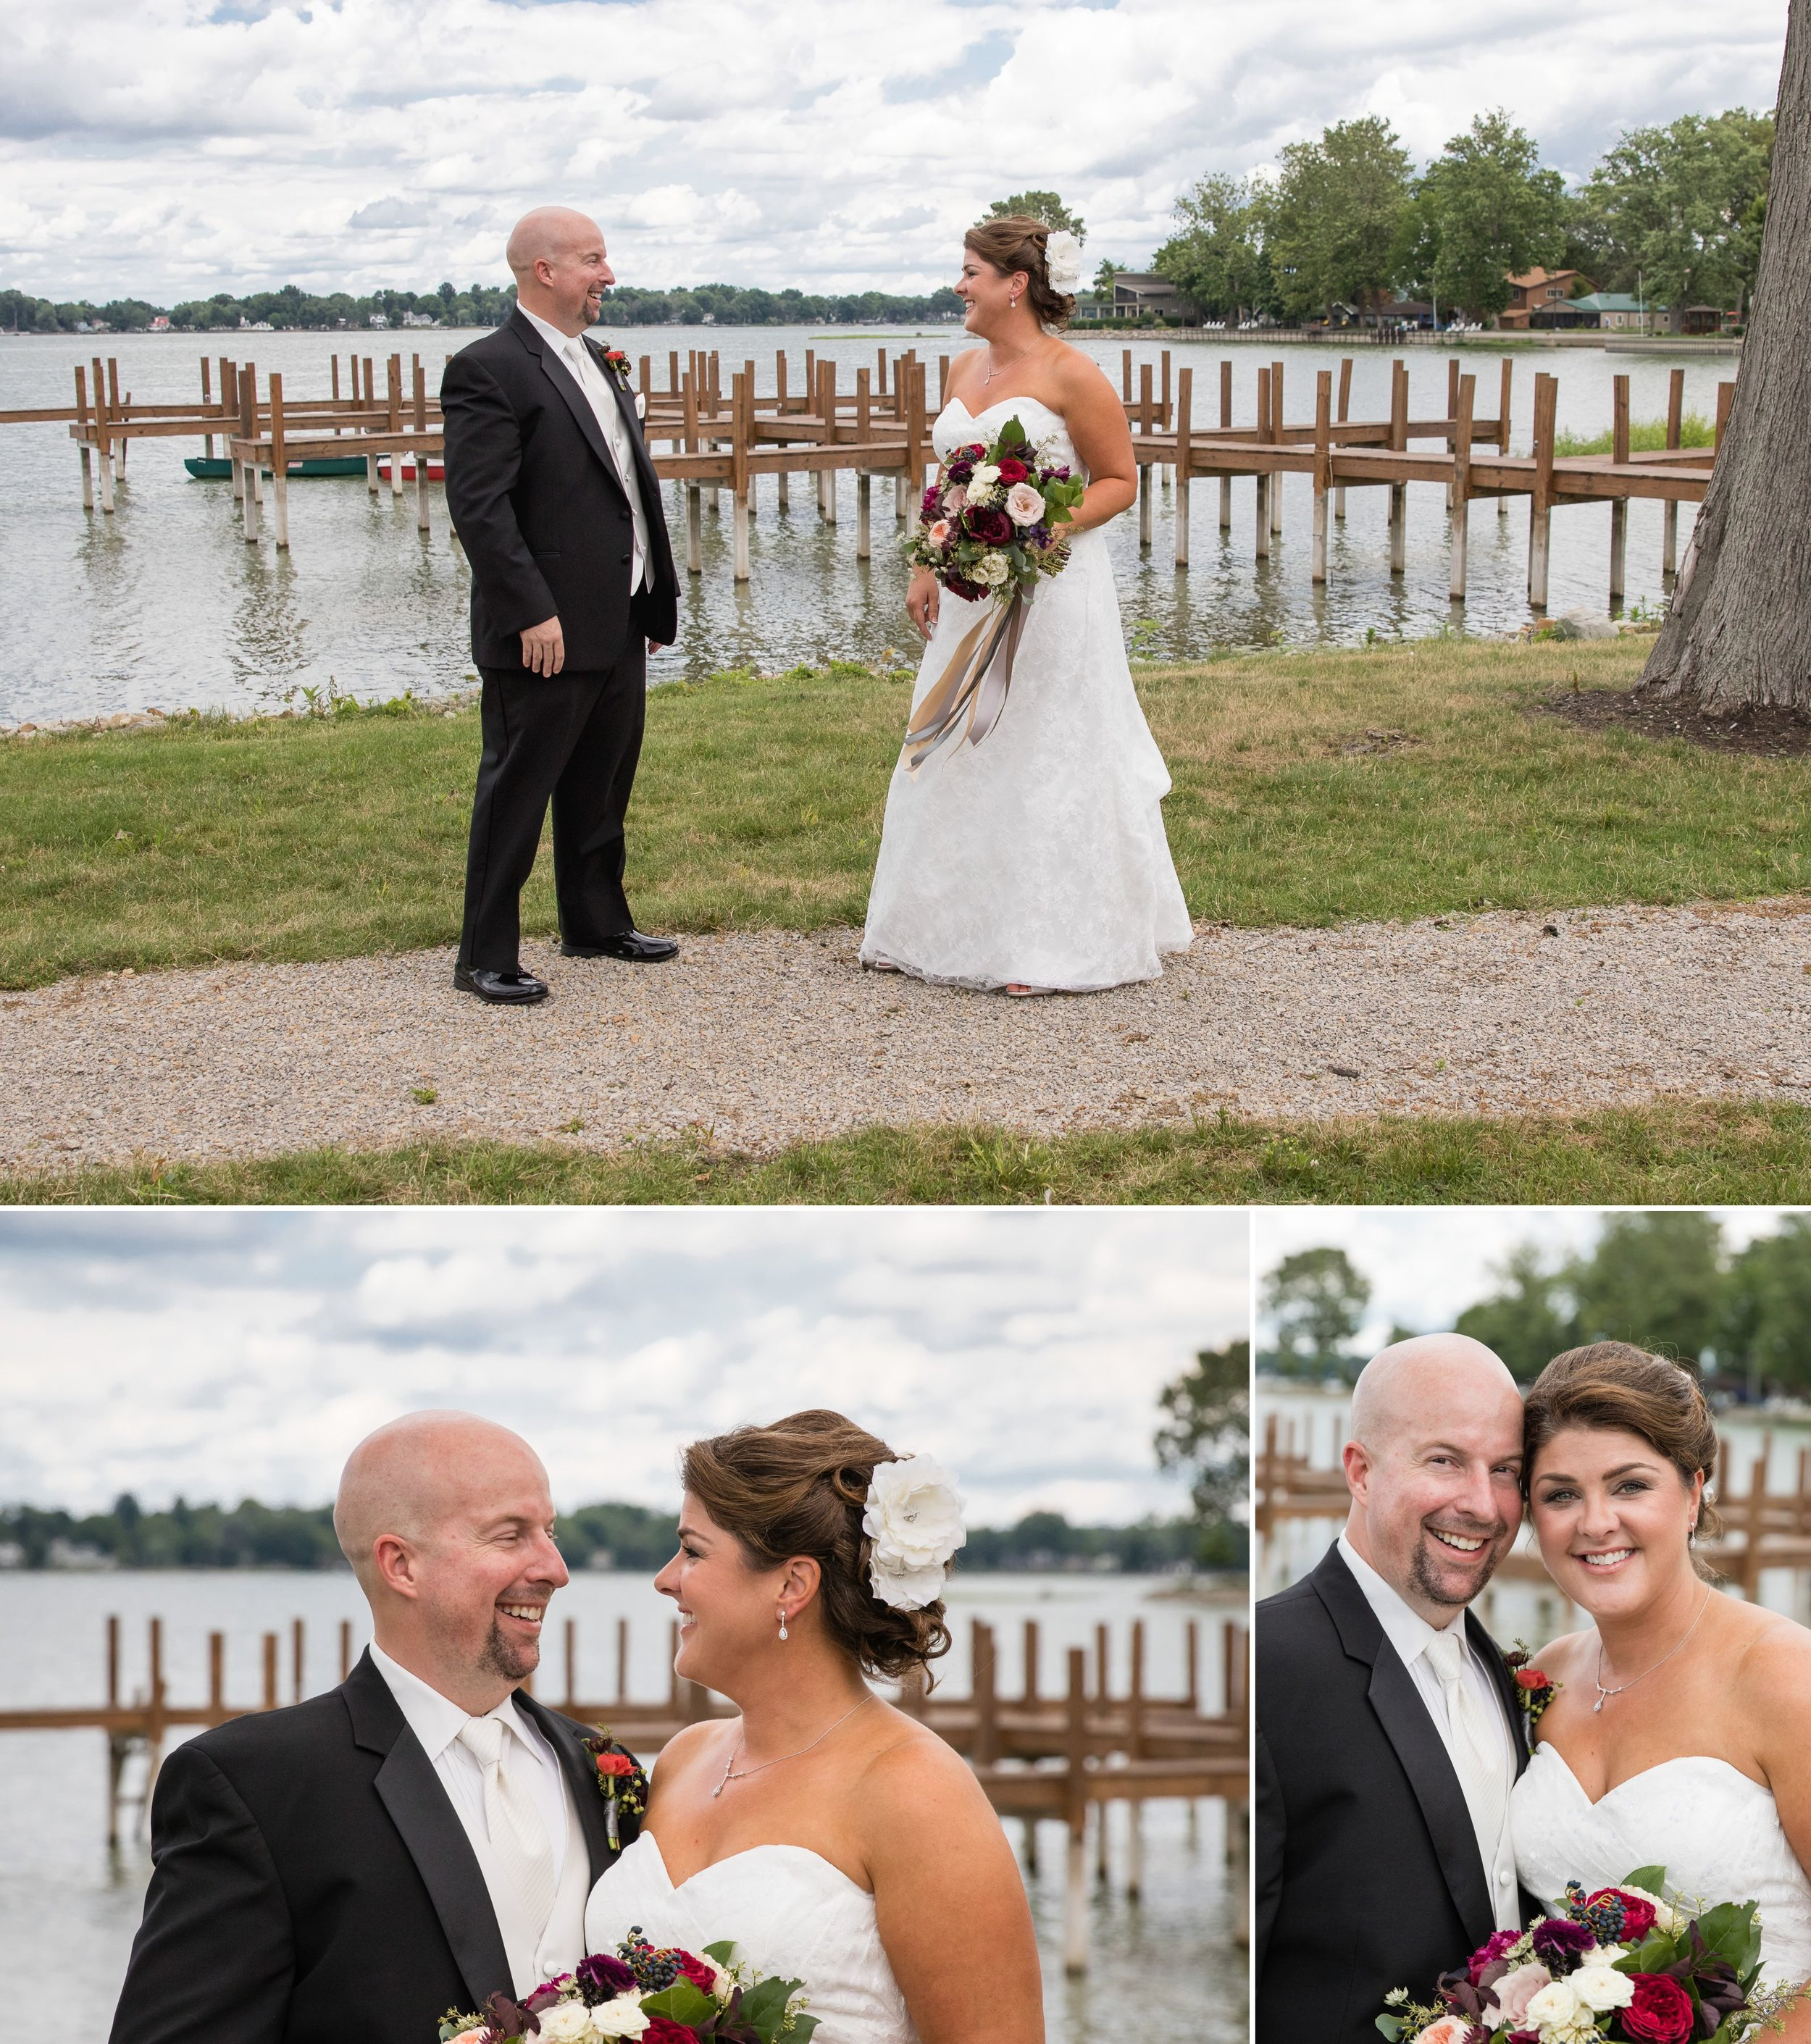 004-Buckeye-lake-winery-wedding-couple-wedding-party-portraits-columbus-ohio-wedding-muschlitz-photography-02.JPG